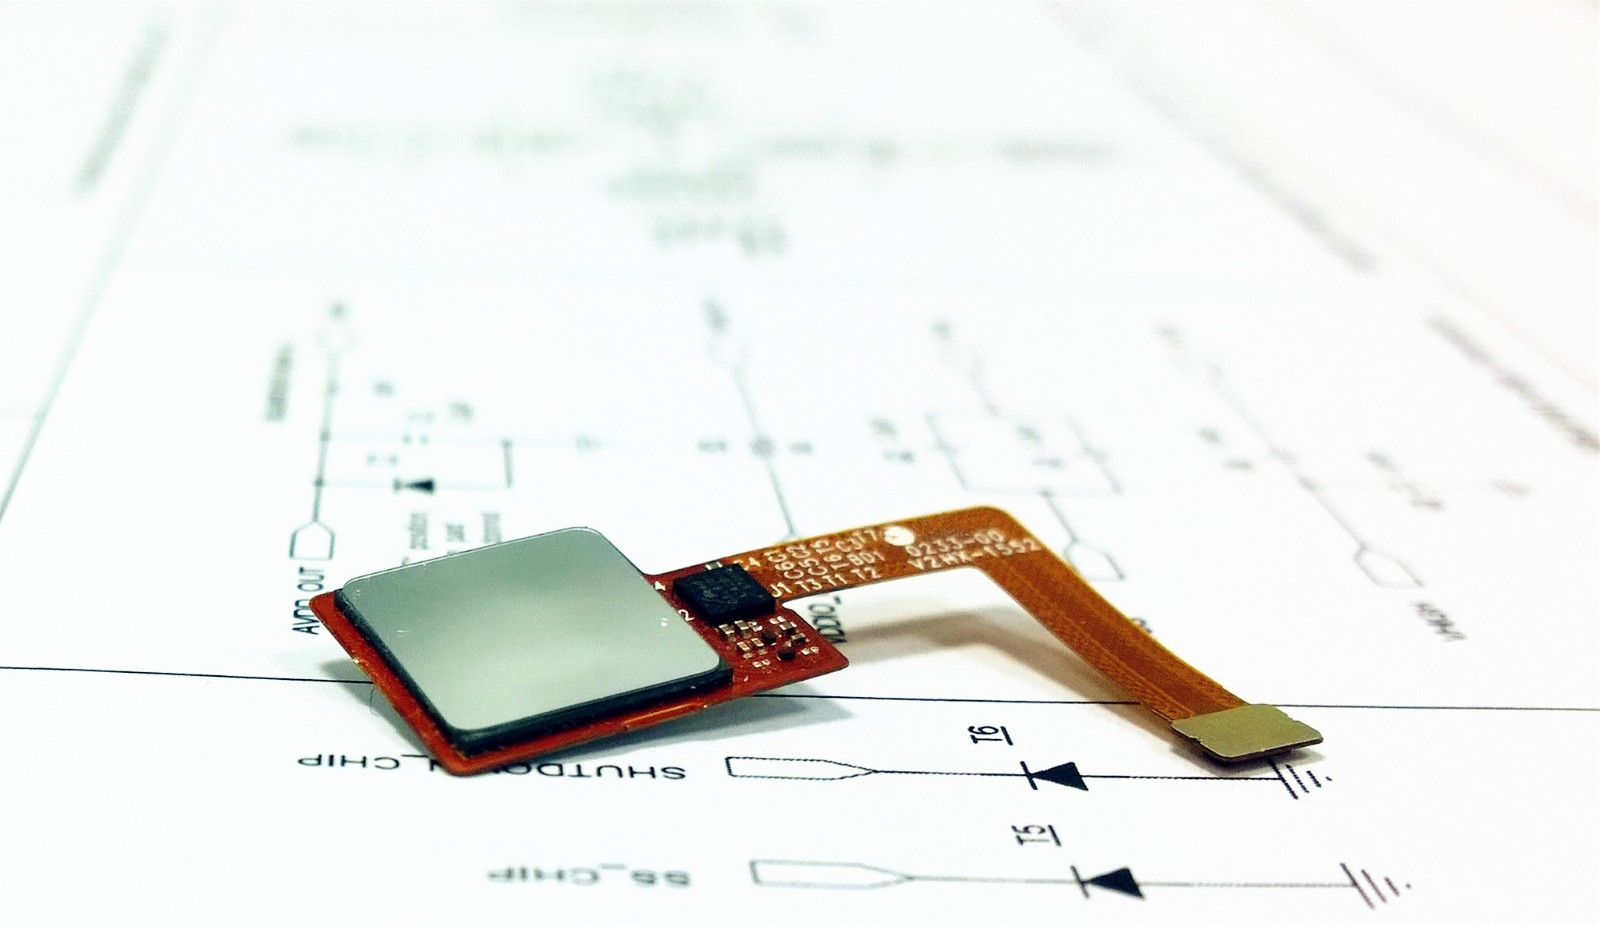 自、互容觸控屏控制芯片